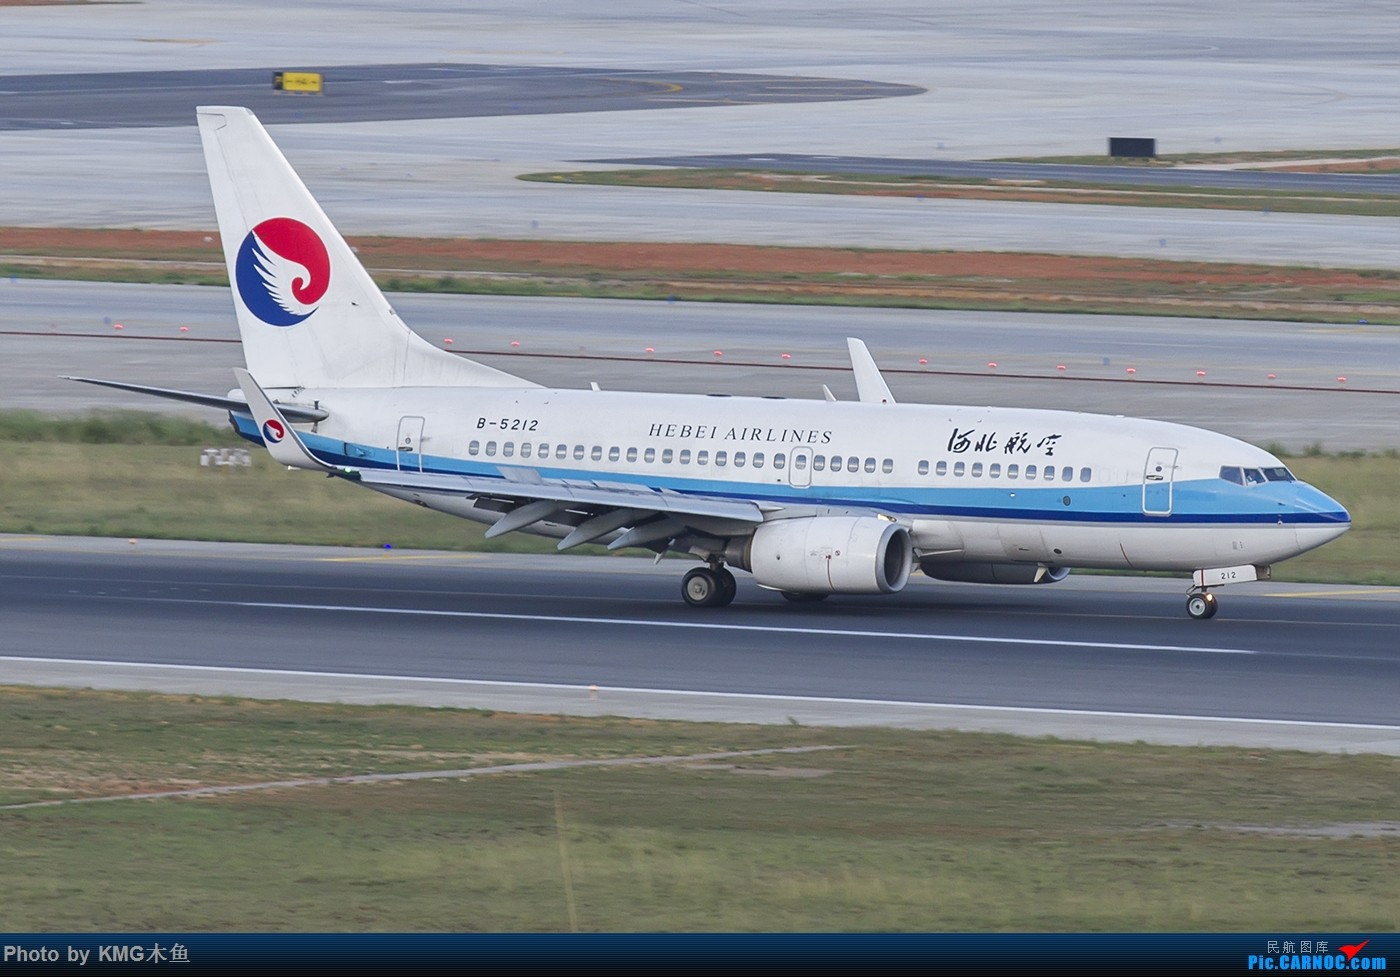 Re:[原创]【昆明长水国际机场-KMG木鱼拍机】为啥PS图片很清晰,上传以后图像变虚了。 BOEING 737-700 B-5212 中国昆明长水国际机场